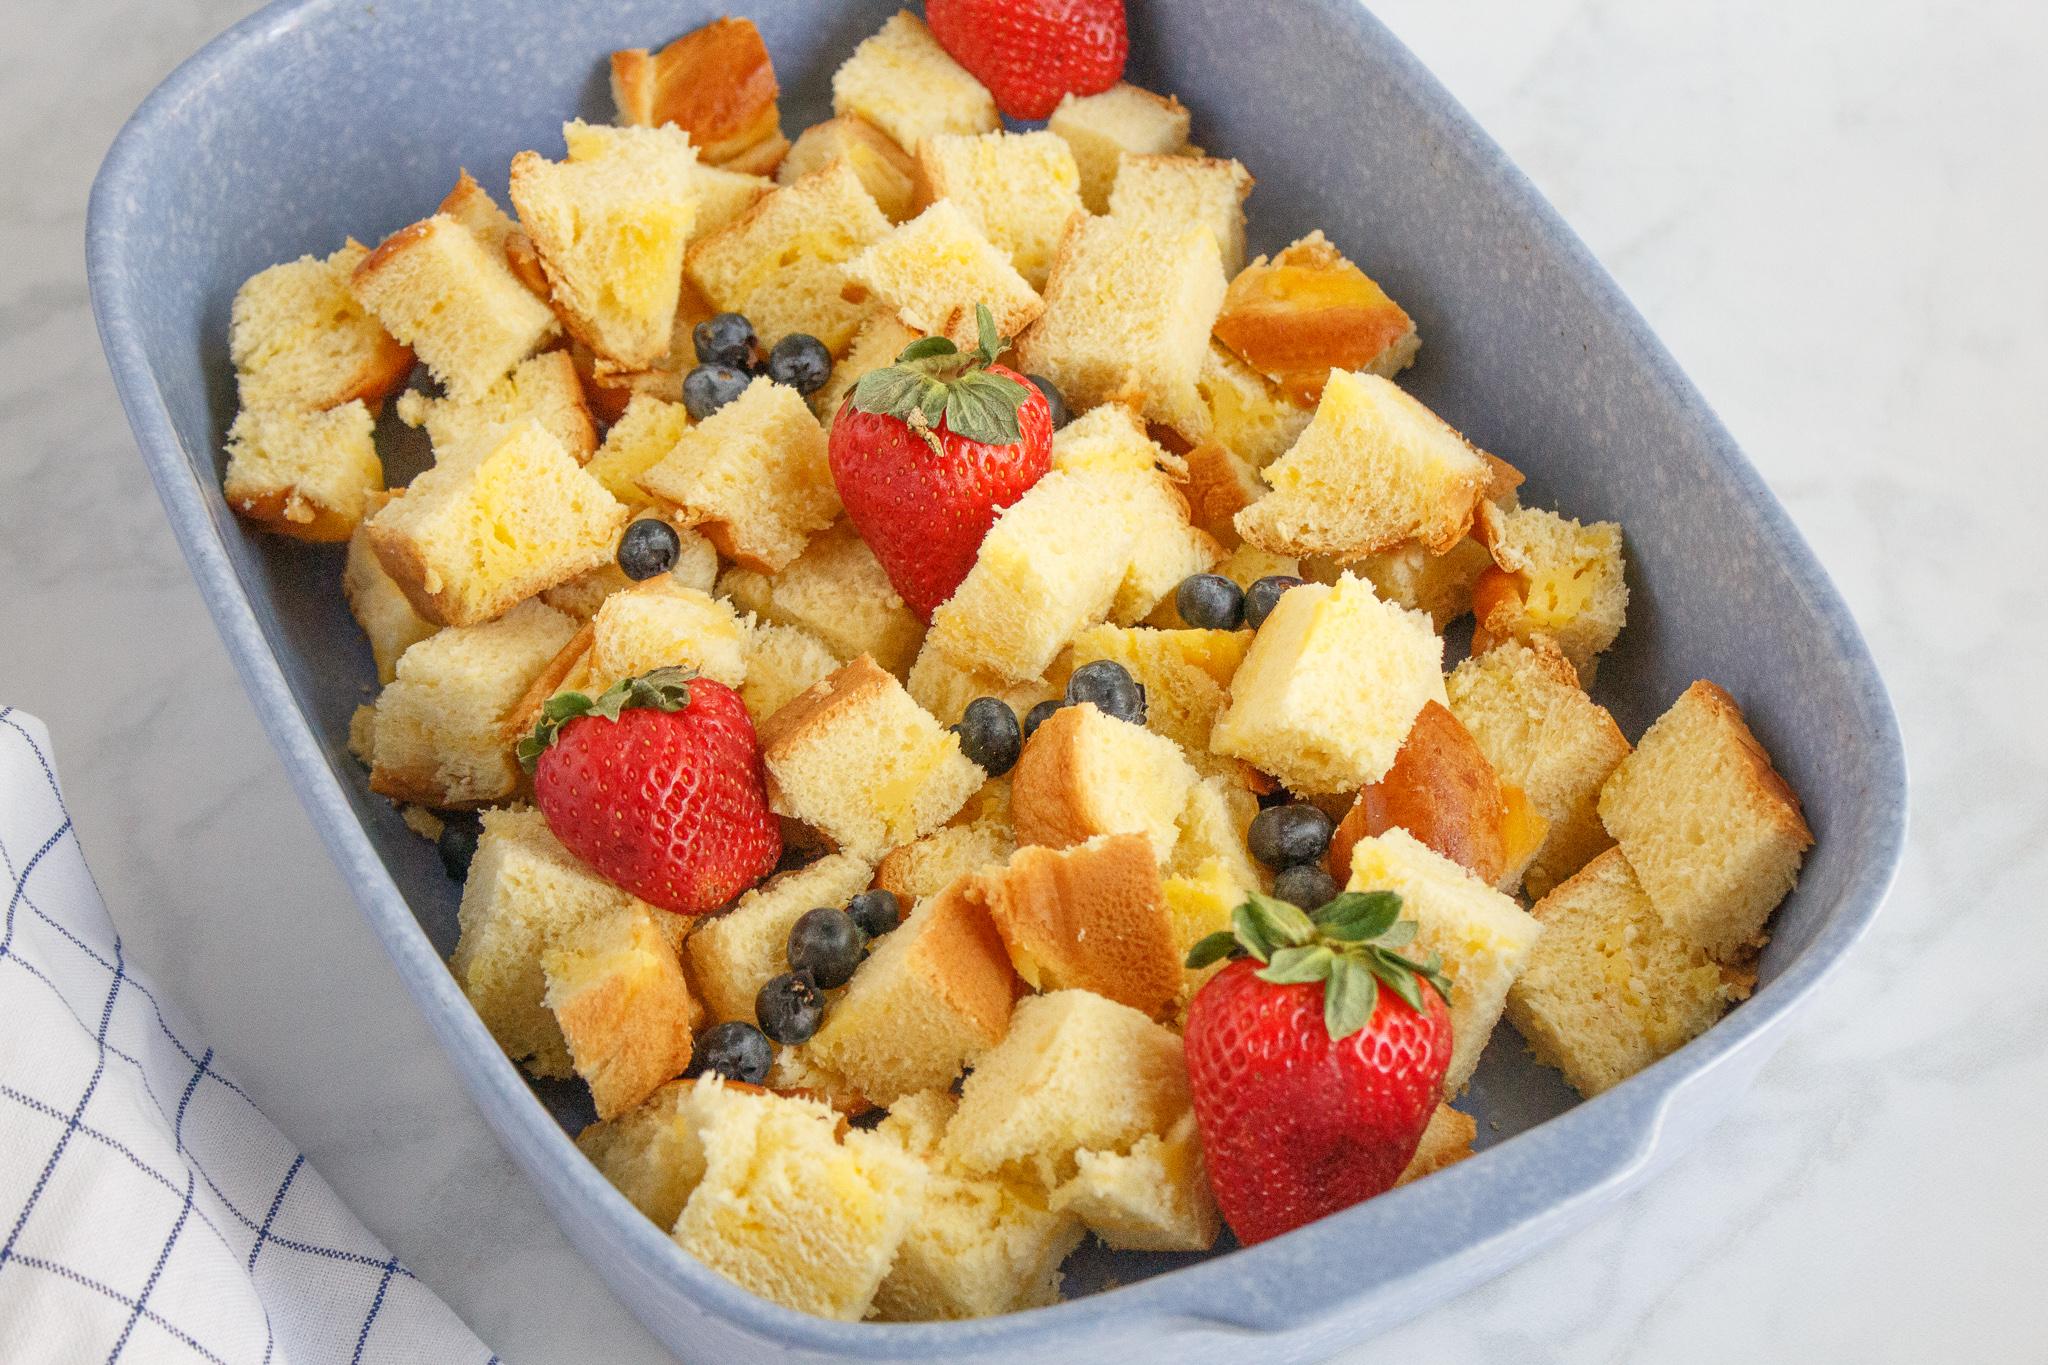 brioche French toast casserole